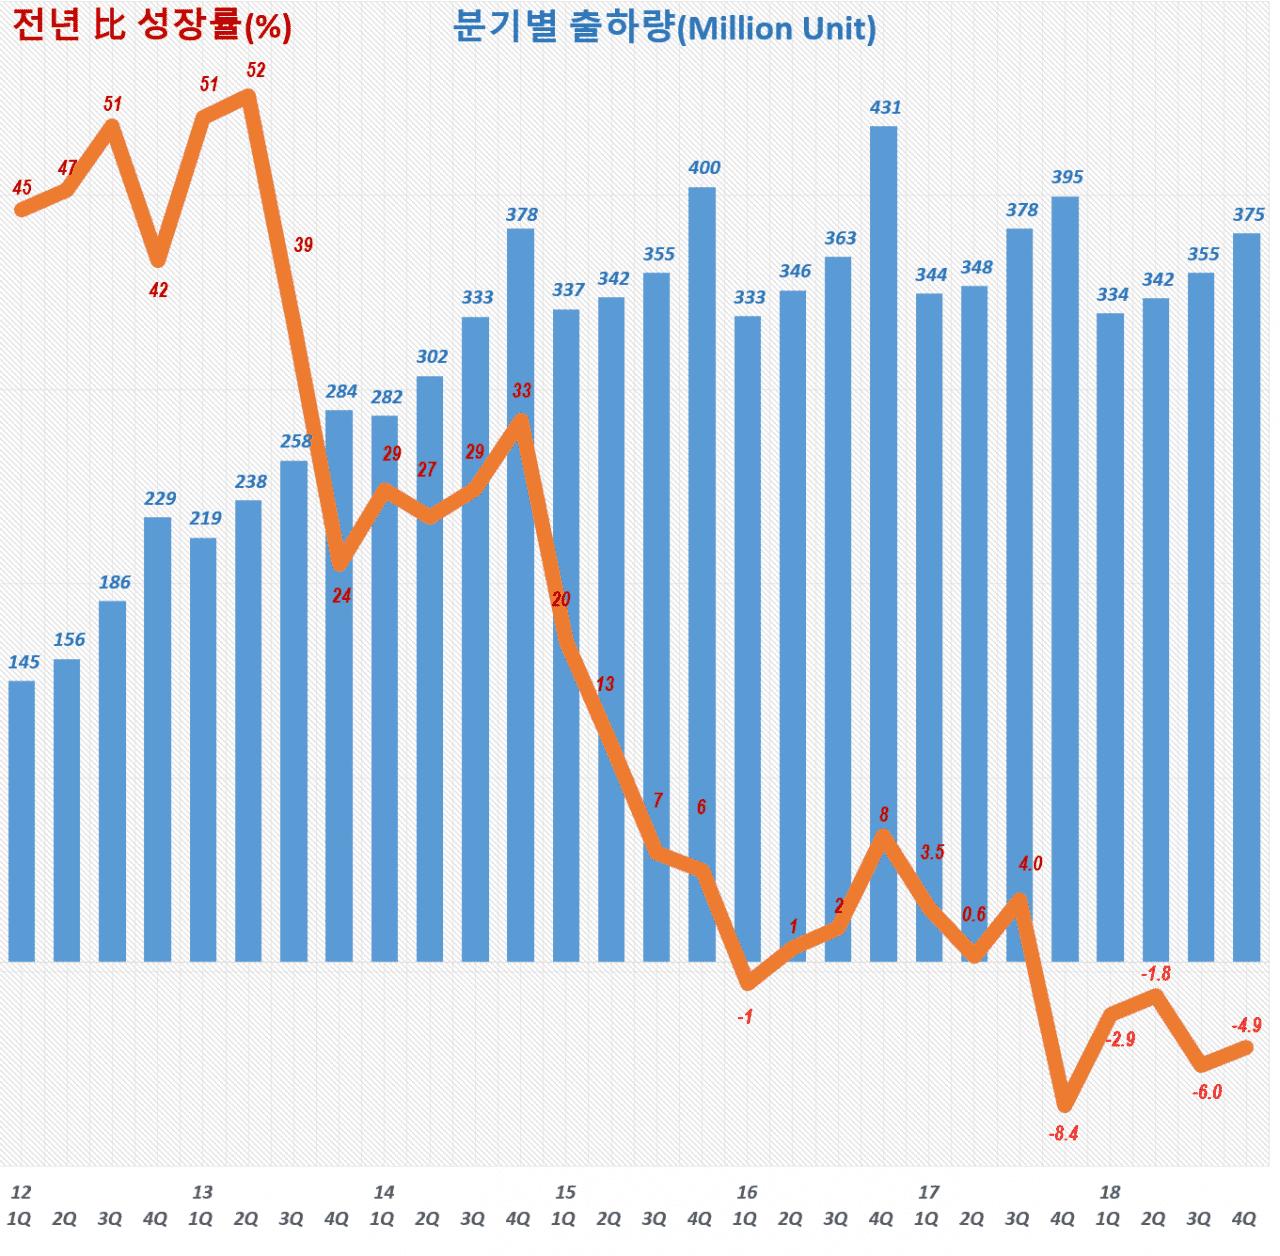 스마트폰 출하량 및 전년 비 성장율 추이(2012년 1분기 ~ 2018년 4분기). Data Source - IDC, Graph by Happist